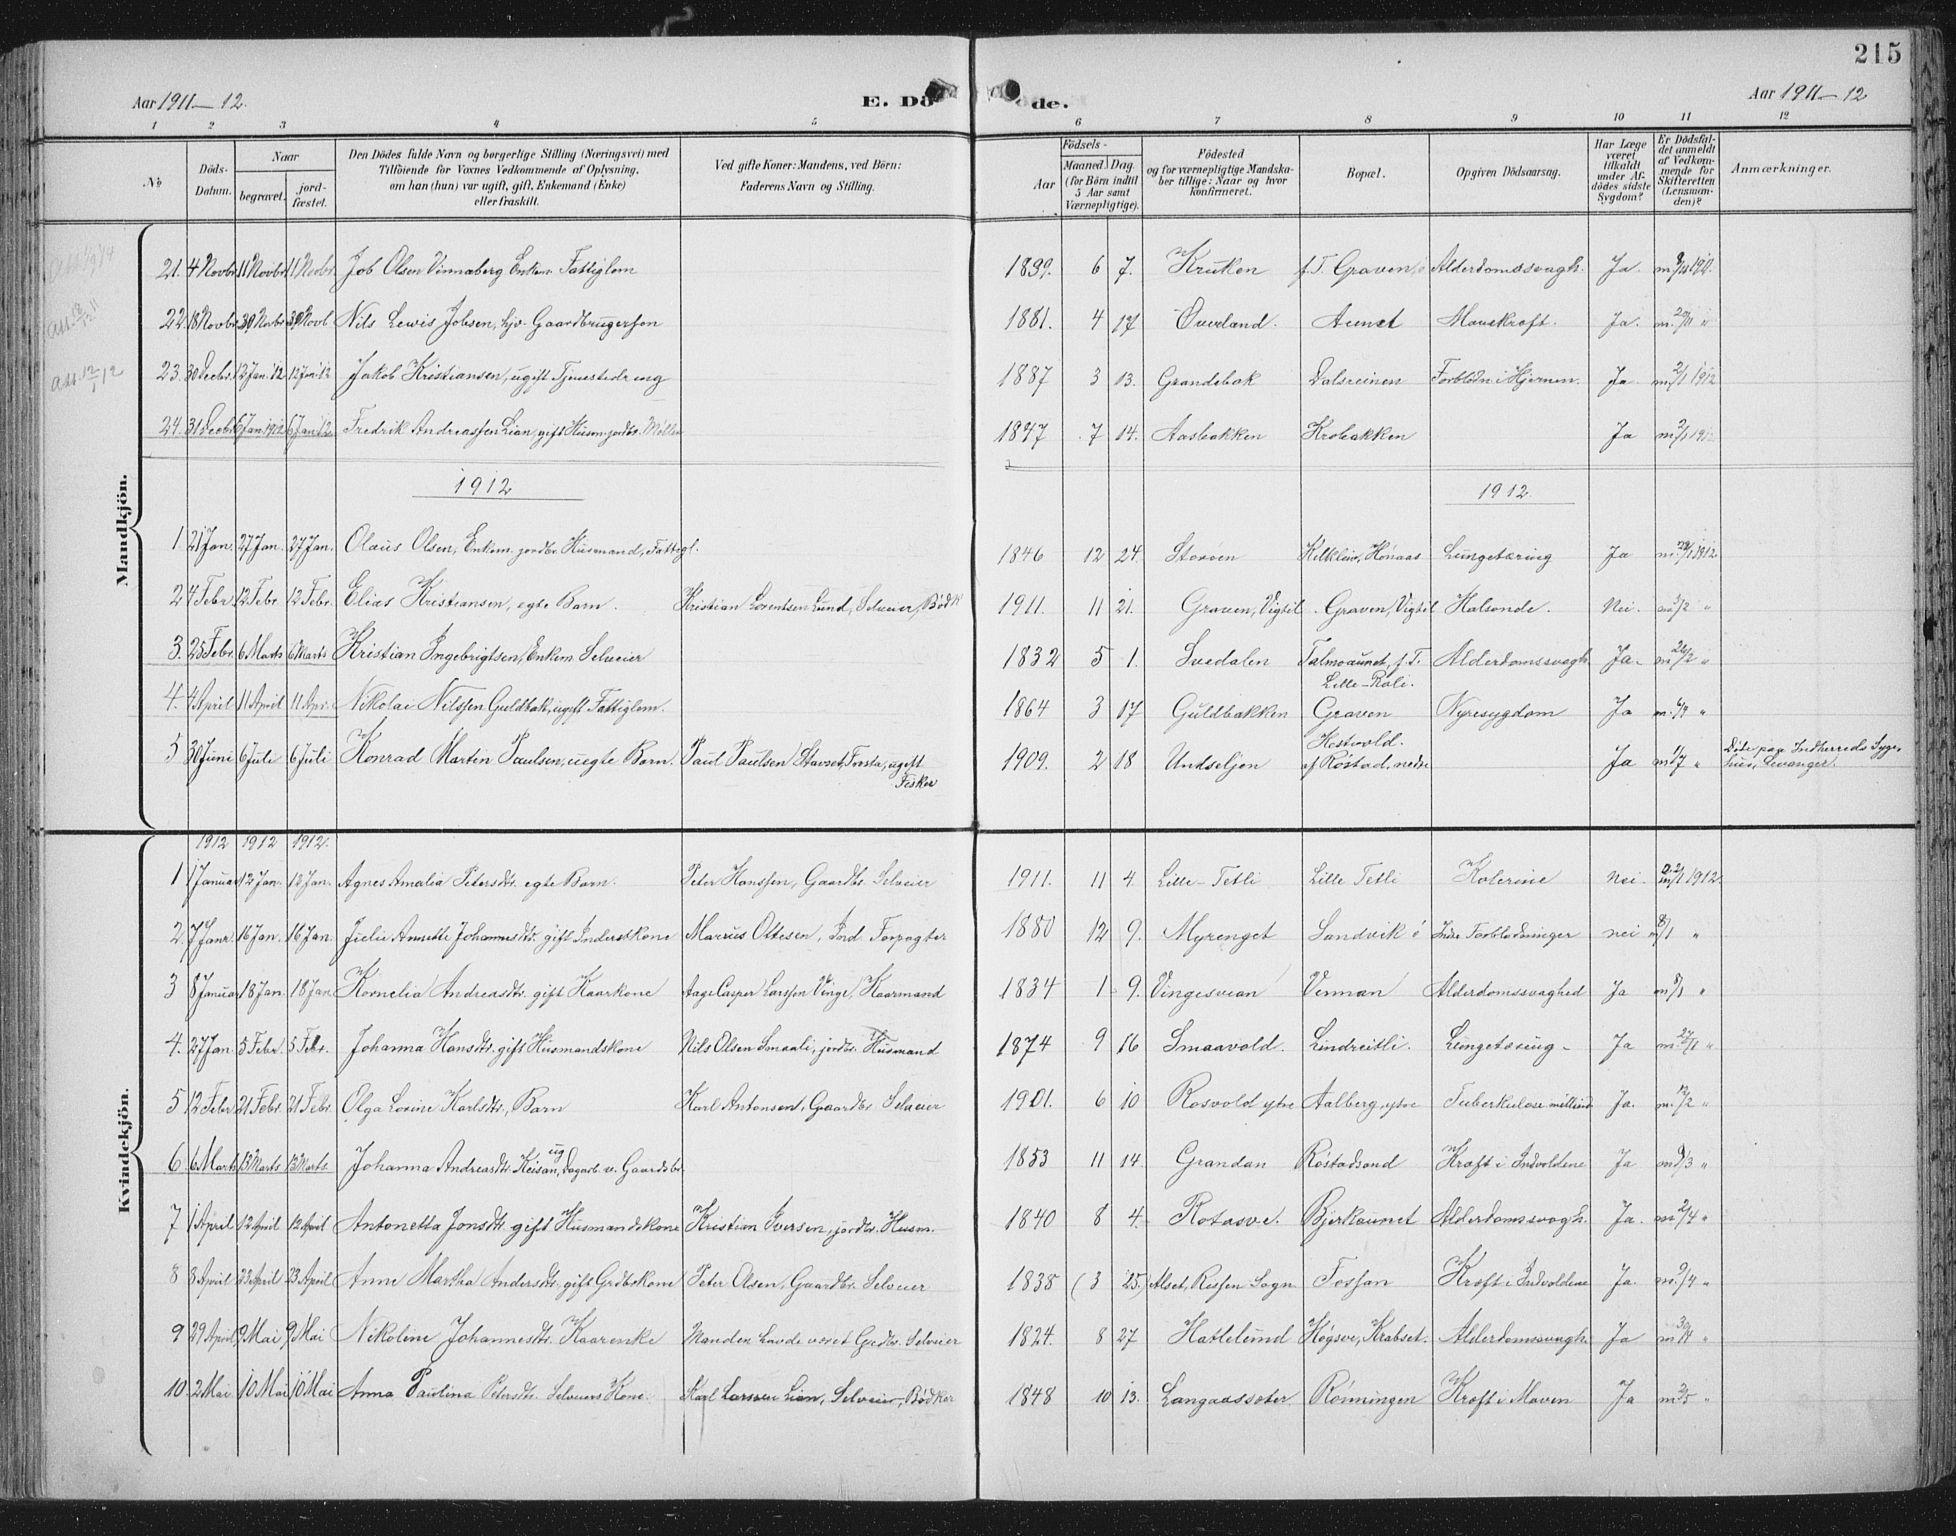 SAT, Ministerialprotokoller, klokkerbøker og fødselsregistre - Nord-Trøndelag, 701/L0011: Ministerialbok nr. 701A11, 1899-1915, s. 215